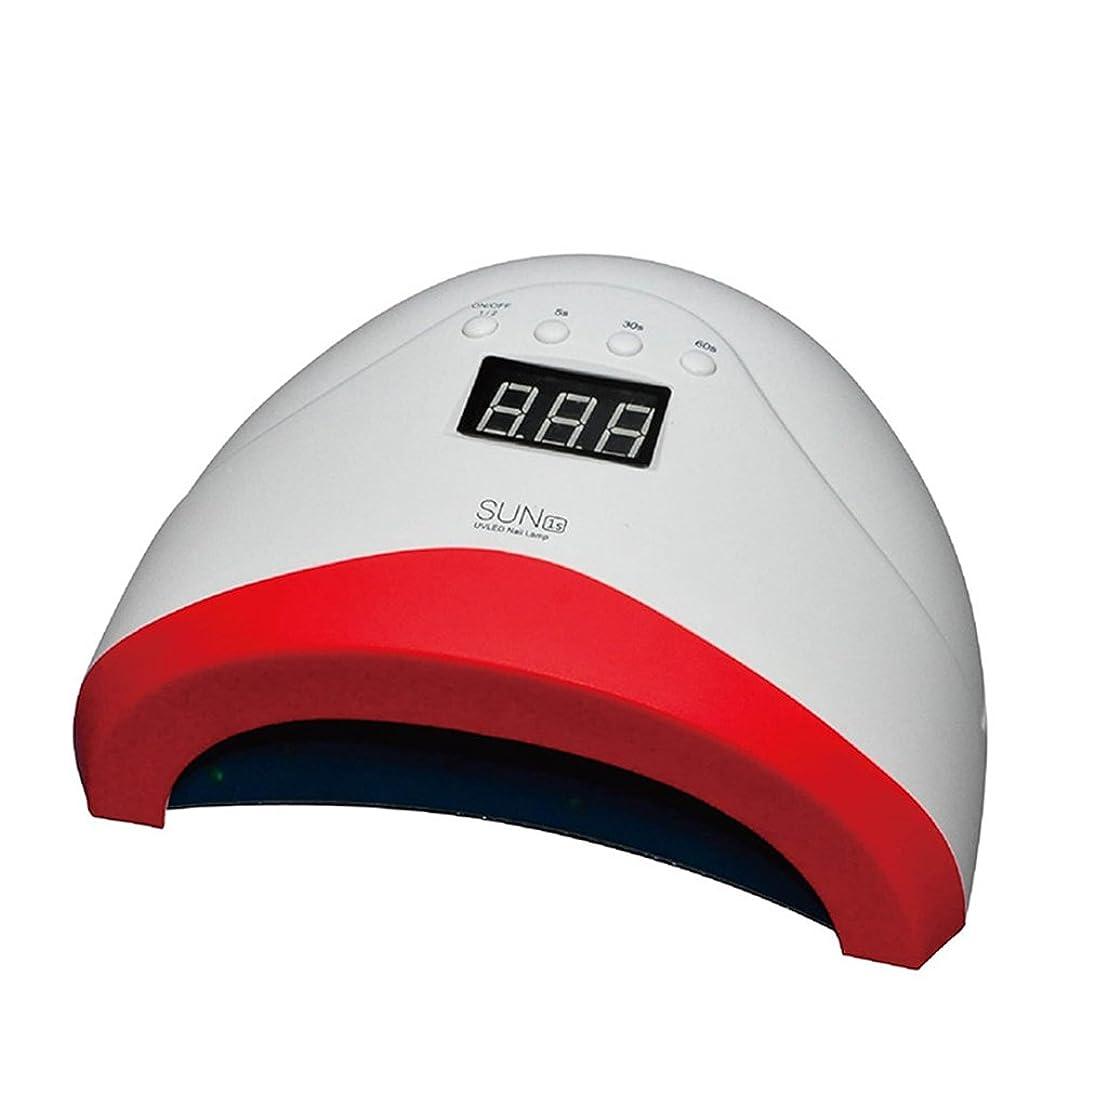 破裂雇用横爪ランプ3タイマー設定(5S / 30S / 60S)と自宅用自動センサープロフェッショナル硬化ランプとUVジェルネイルポリッシュ乾燥機LED